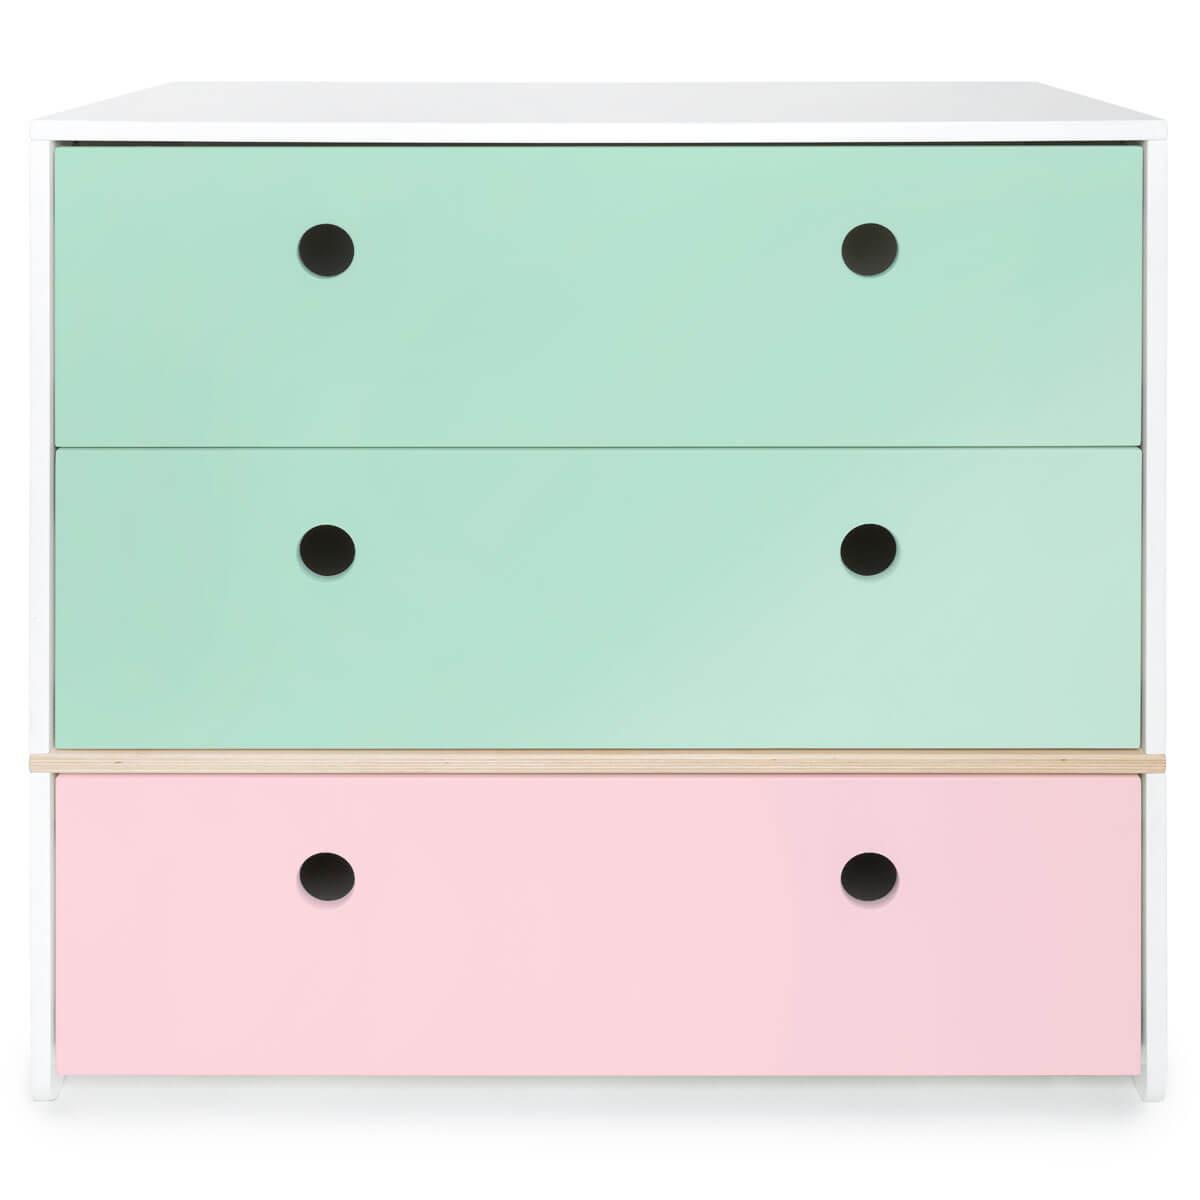 Kommode COLORFLEX Schubladen Farben mint-mint-sweet pink